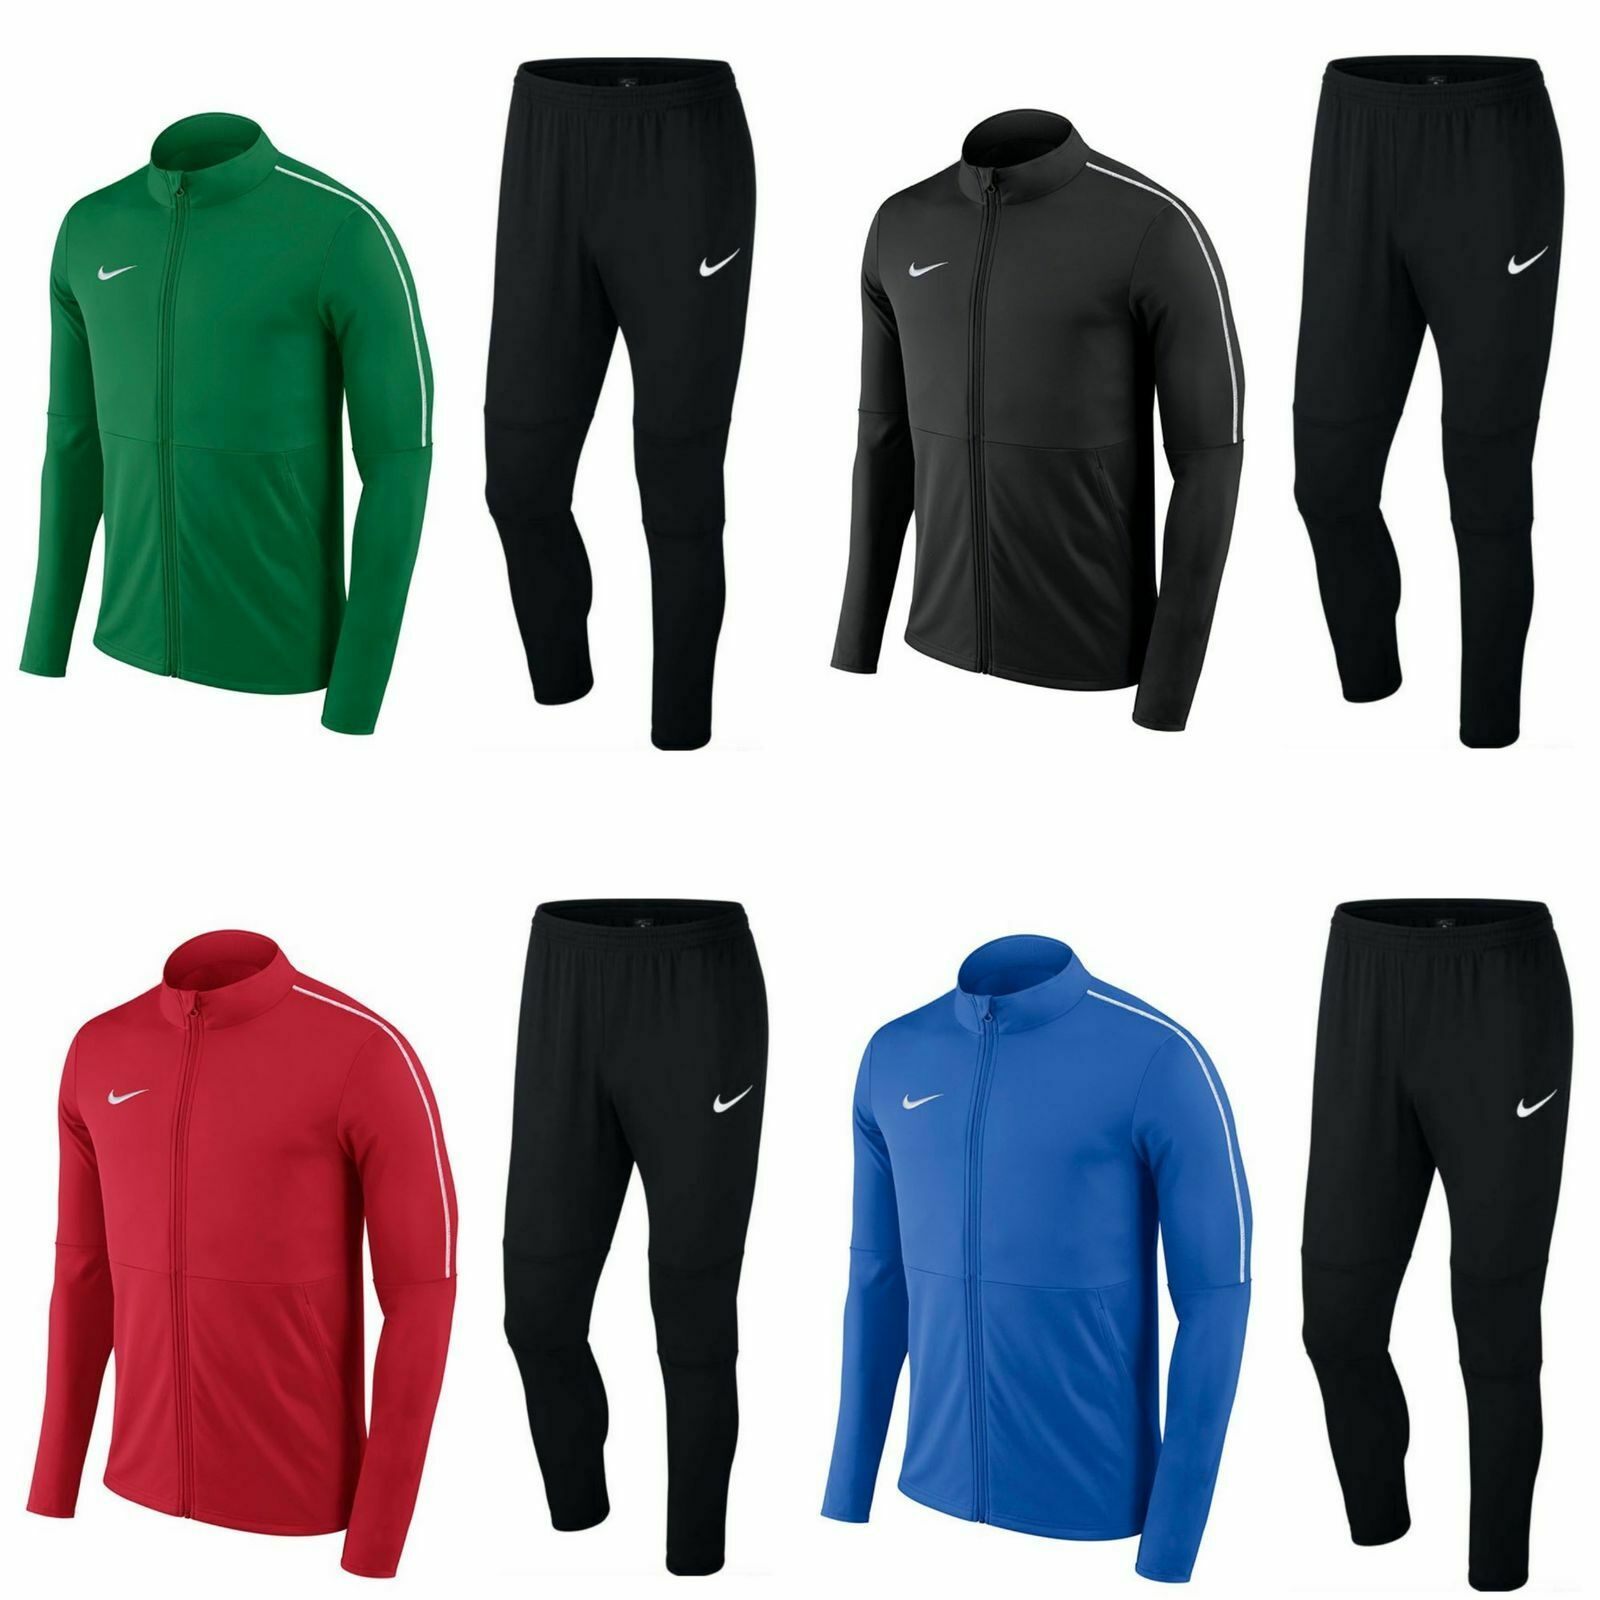 583403f195672 Nike Jogginganzug Herren Jogging Anzug Trainingsanzug Männer dünn für den  Sommer